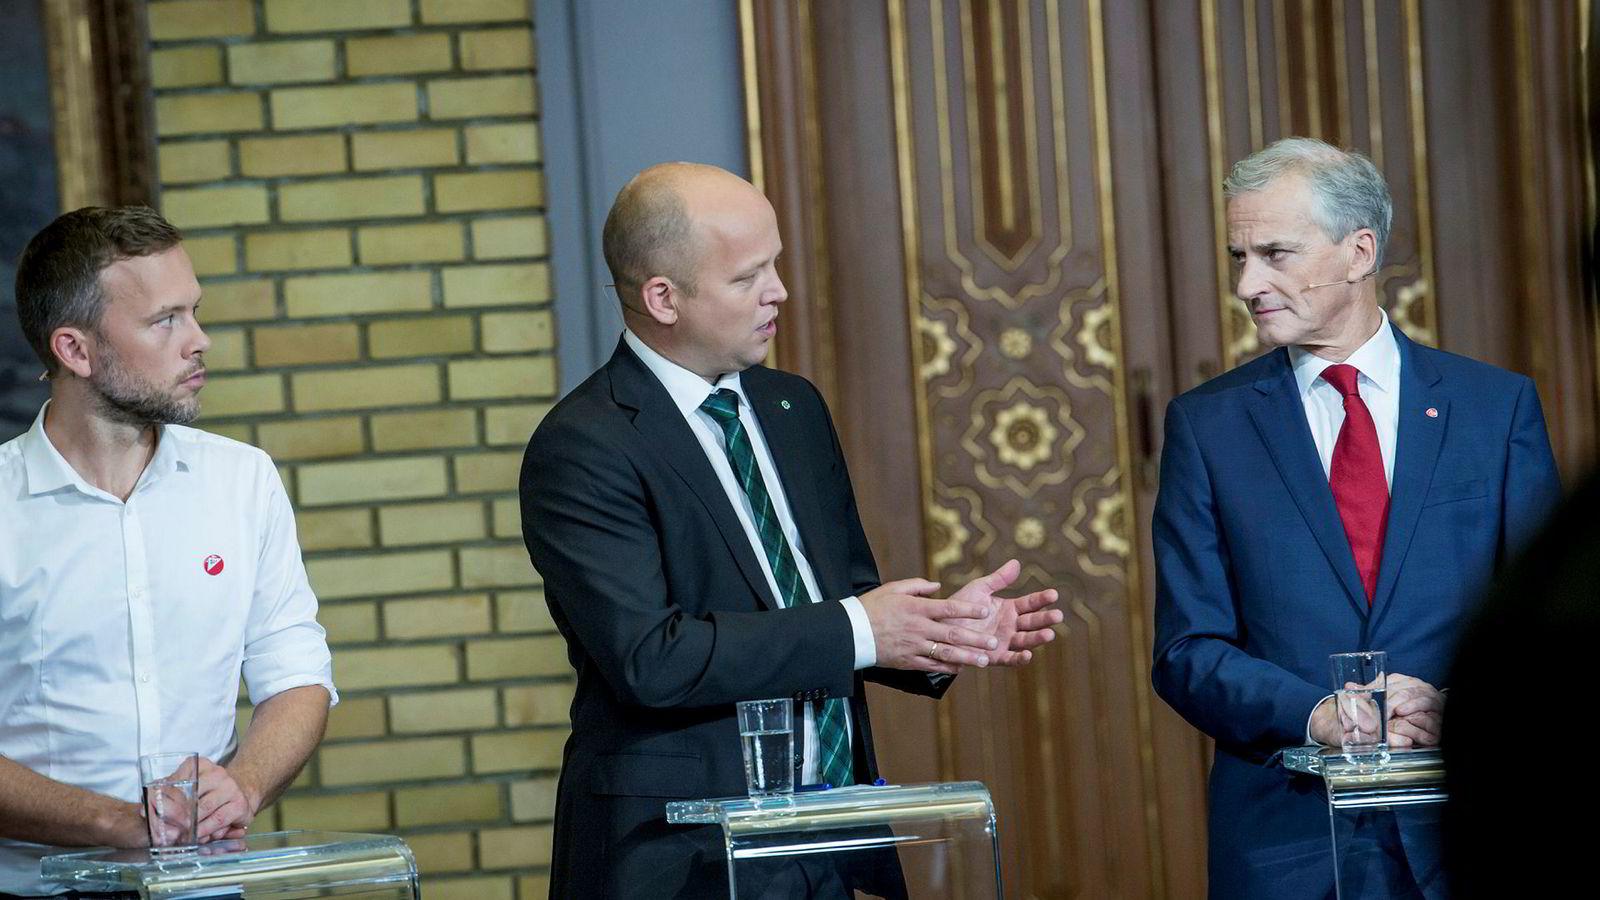 Sp-leder Trygve Slagsvold Vedum (i midten) vil ikke love seg bort til SV-leder Audun Lysbakken (til venstre). Valgnatten møttes de to, Ap-leder Jonas Gahr Støre og de andre partilederne i Stortingets vandrehall.